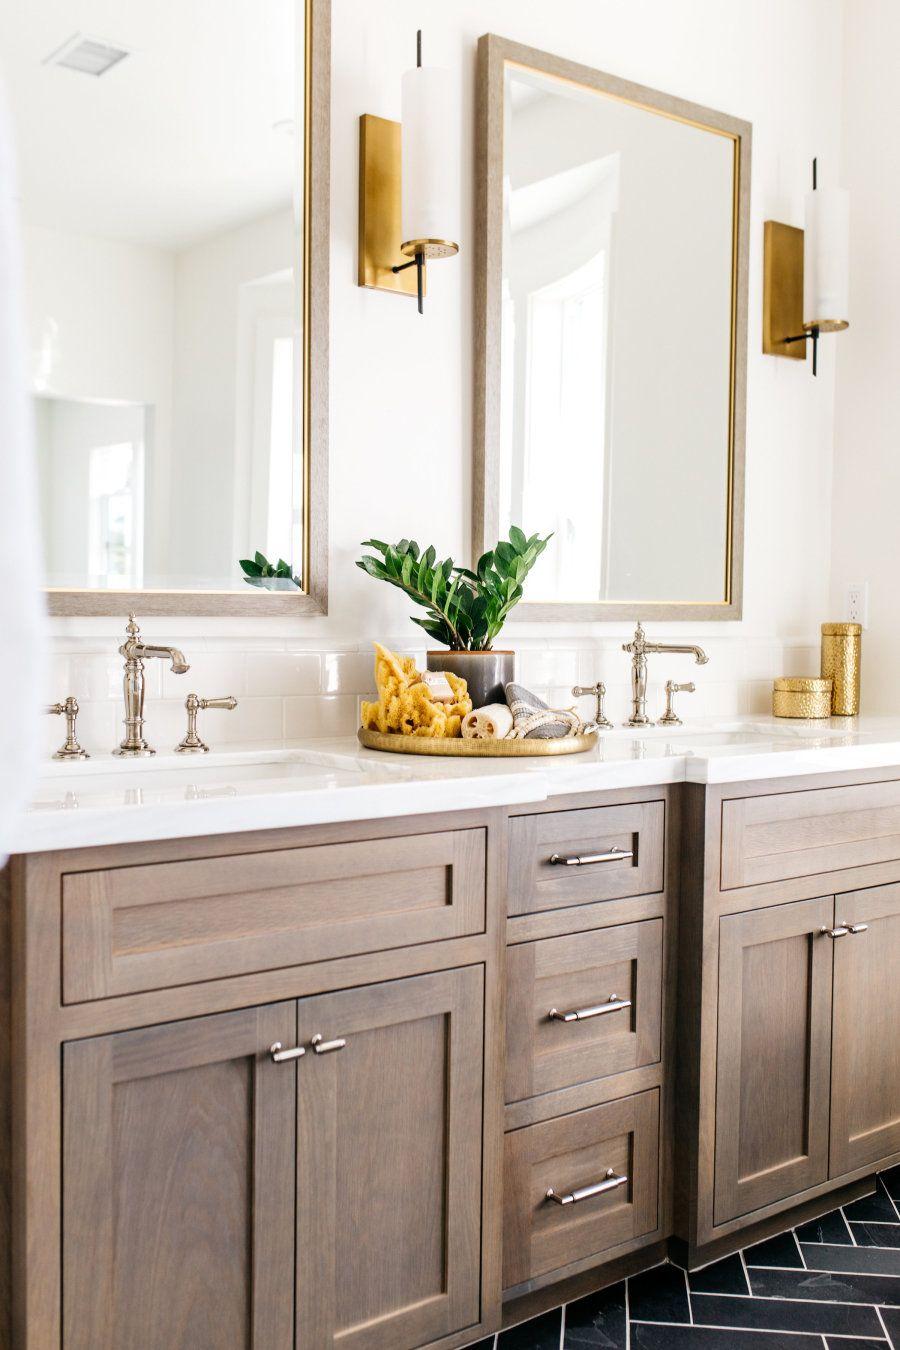 Bathroom Cabinets & Vanities | Craftsmen Home Improvements ...